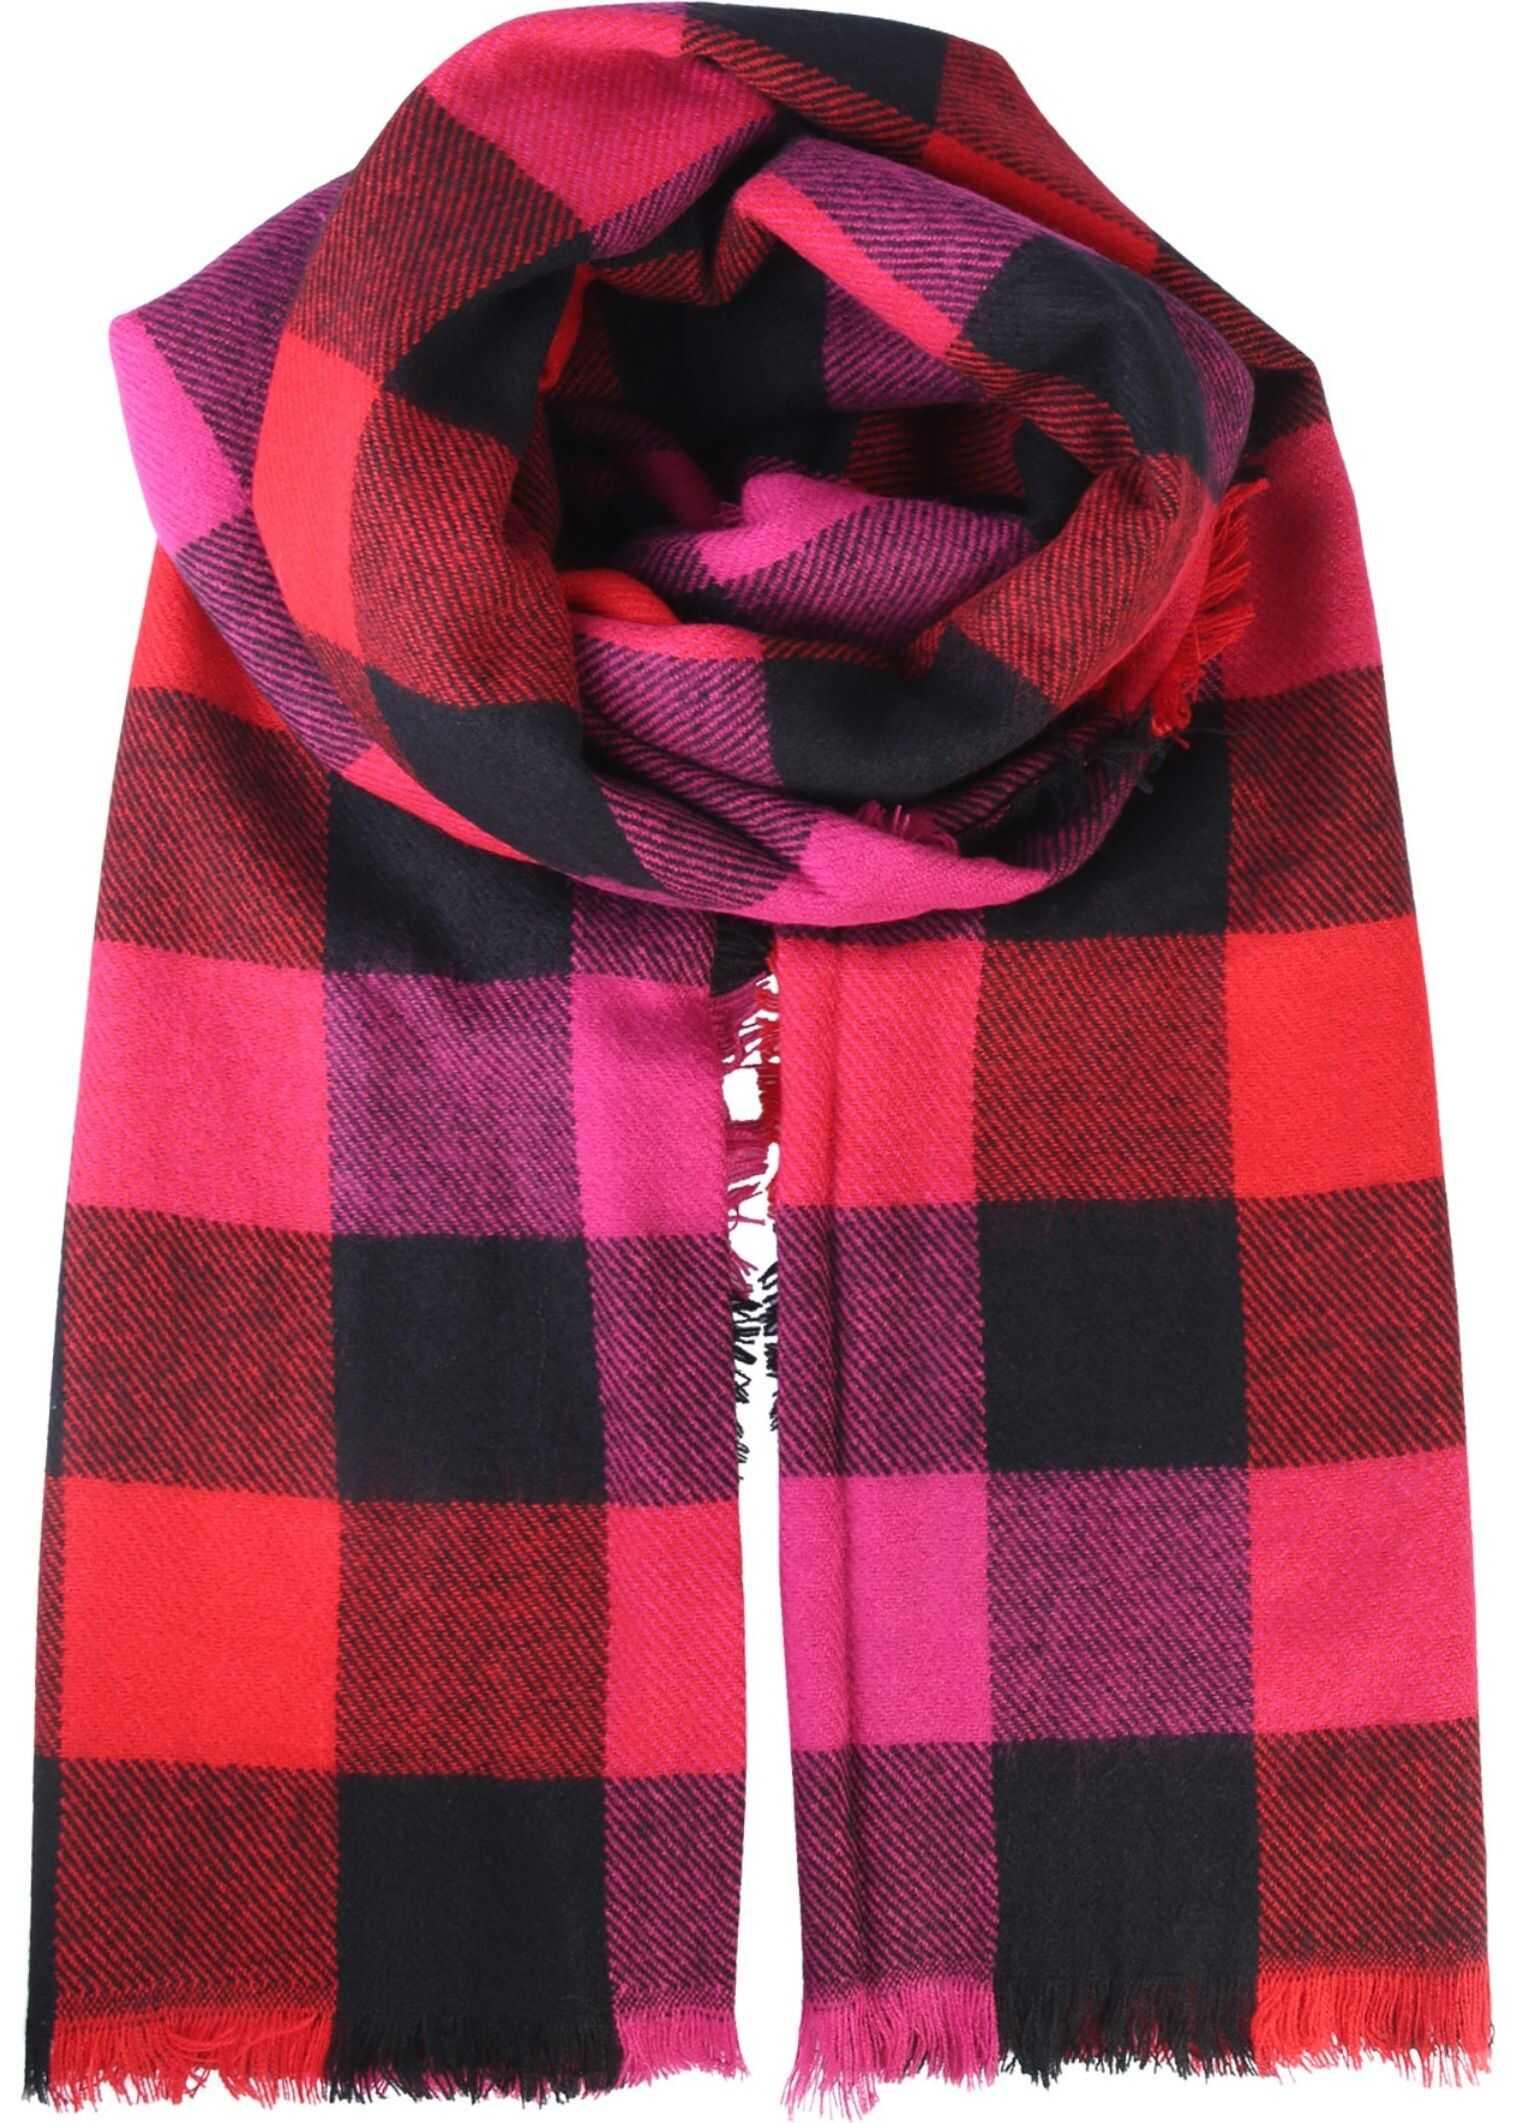 Woolrich Tartan Design Scarf RED